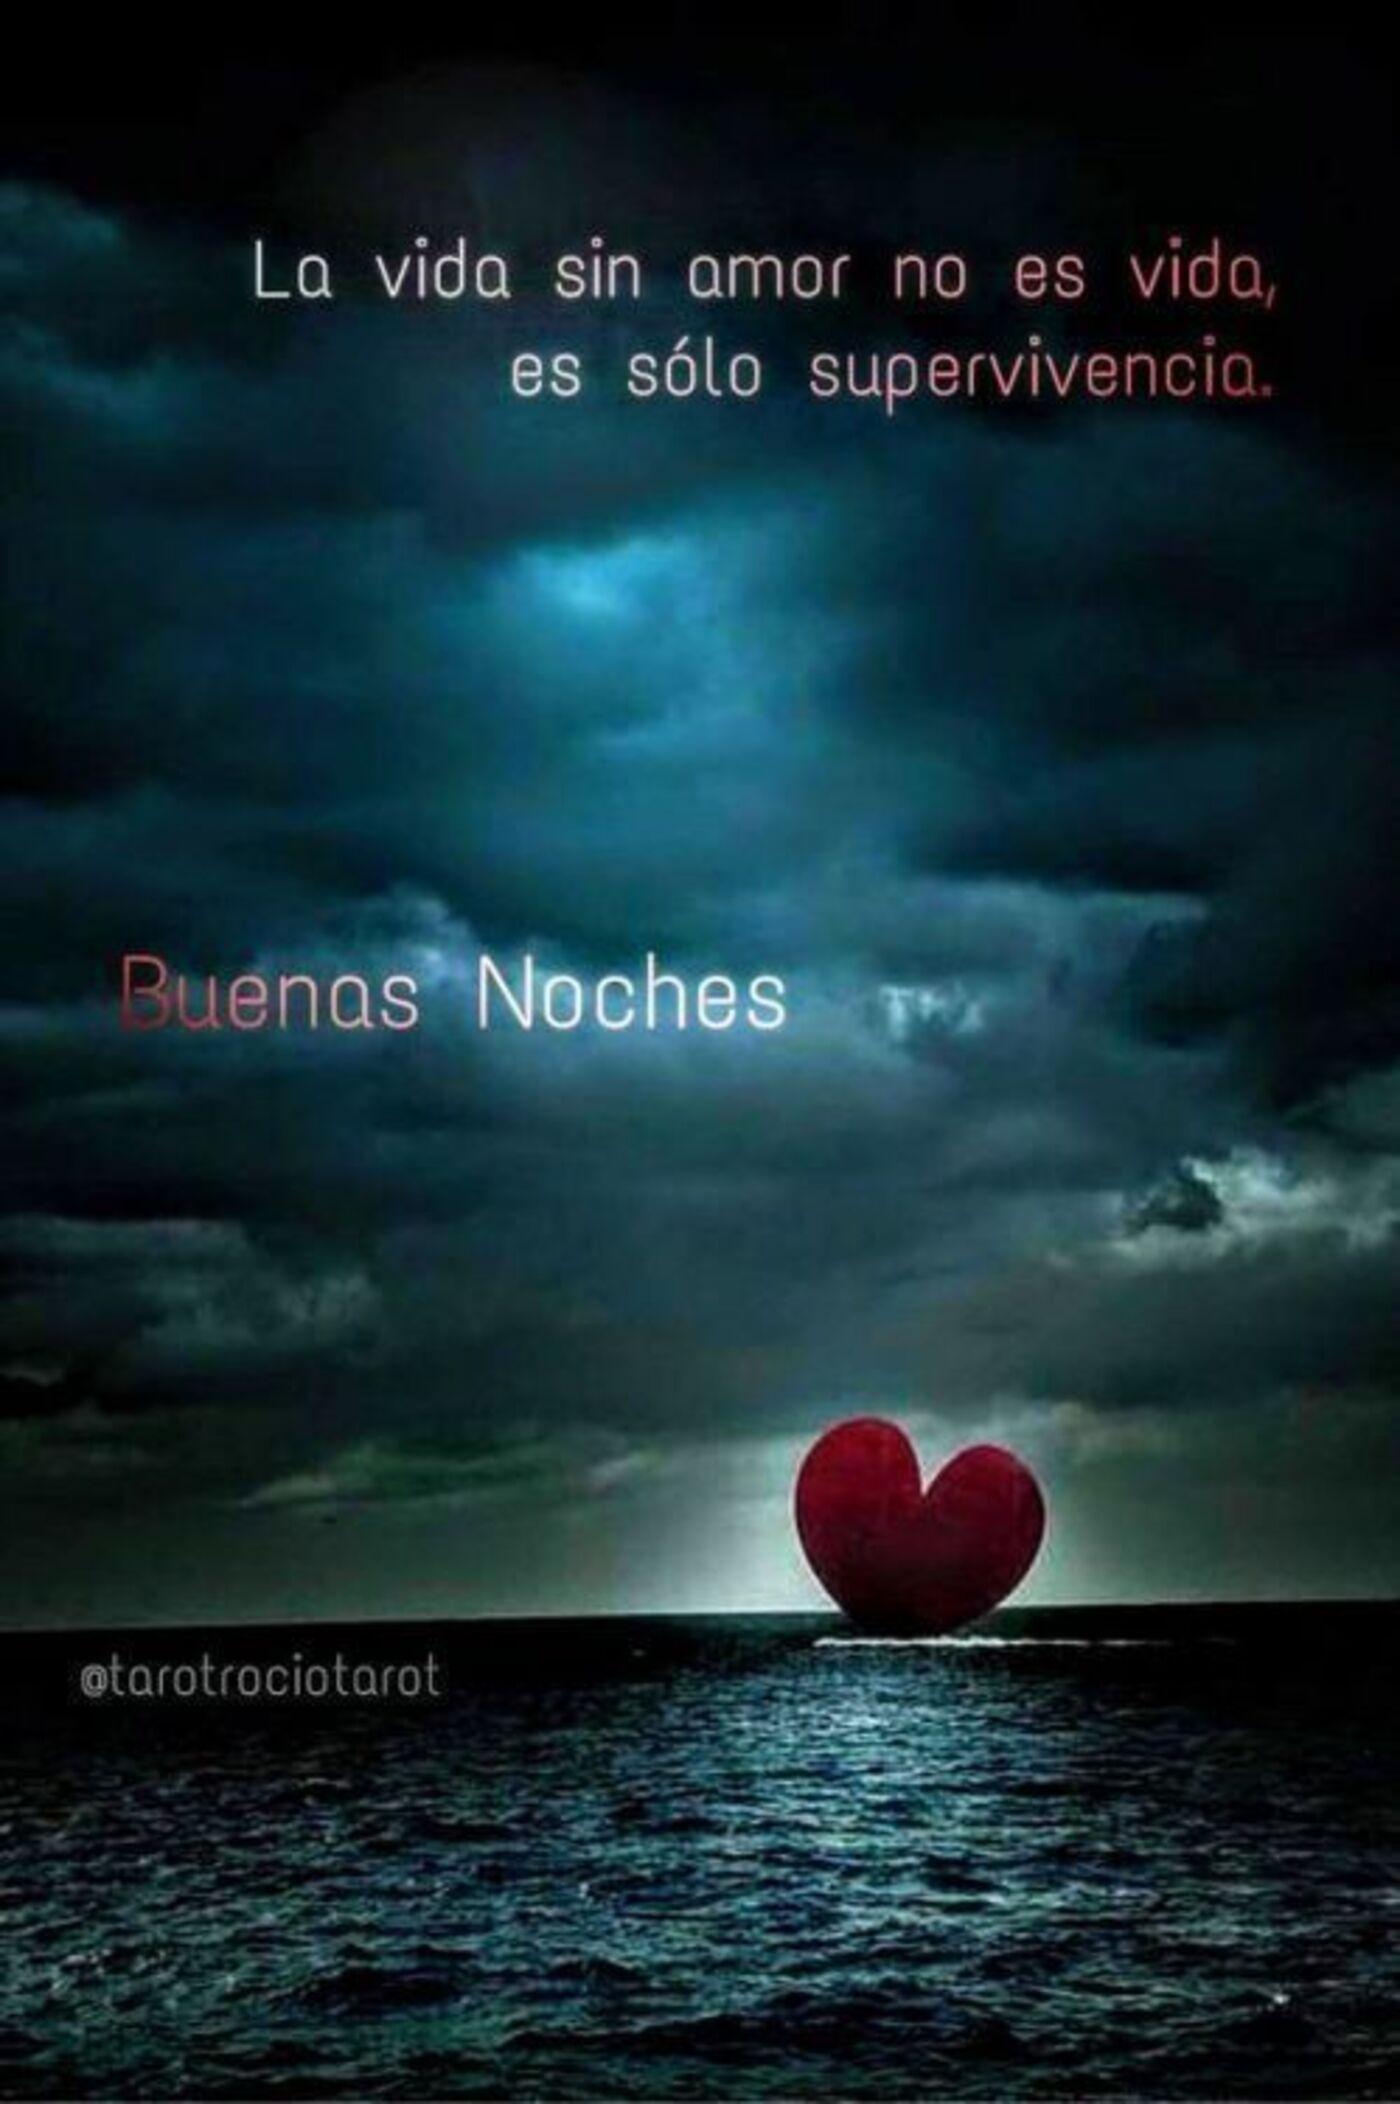 La vida sin amor no es vida, es solo supervivencia. Buenas Noches